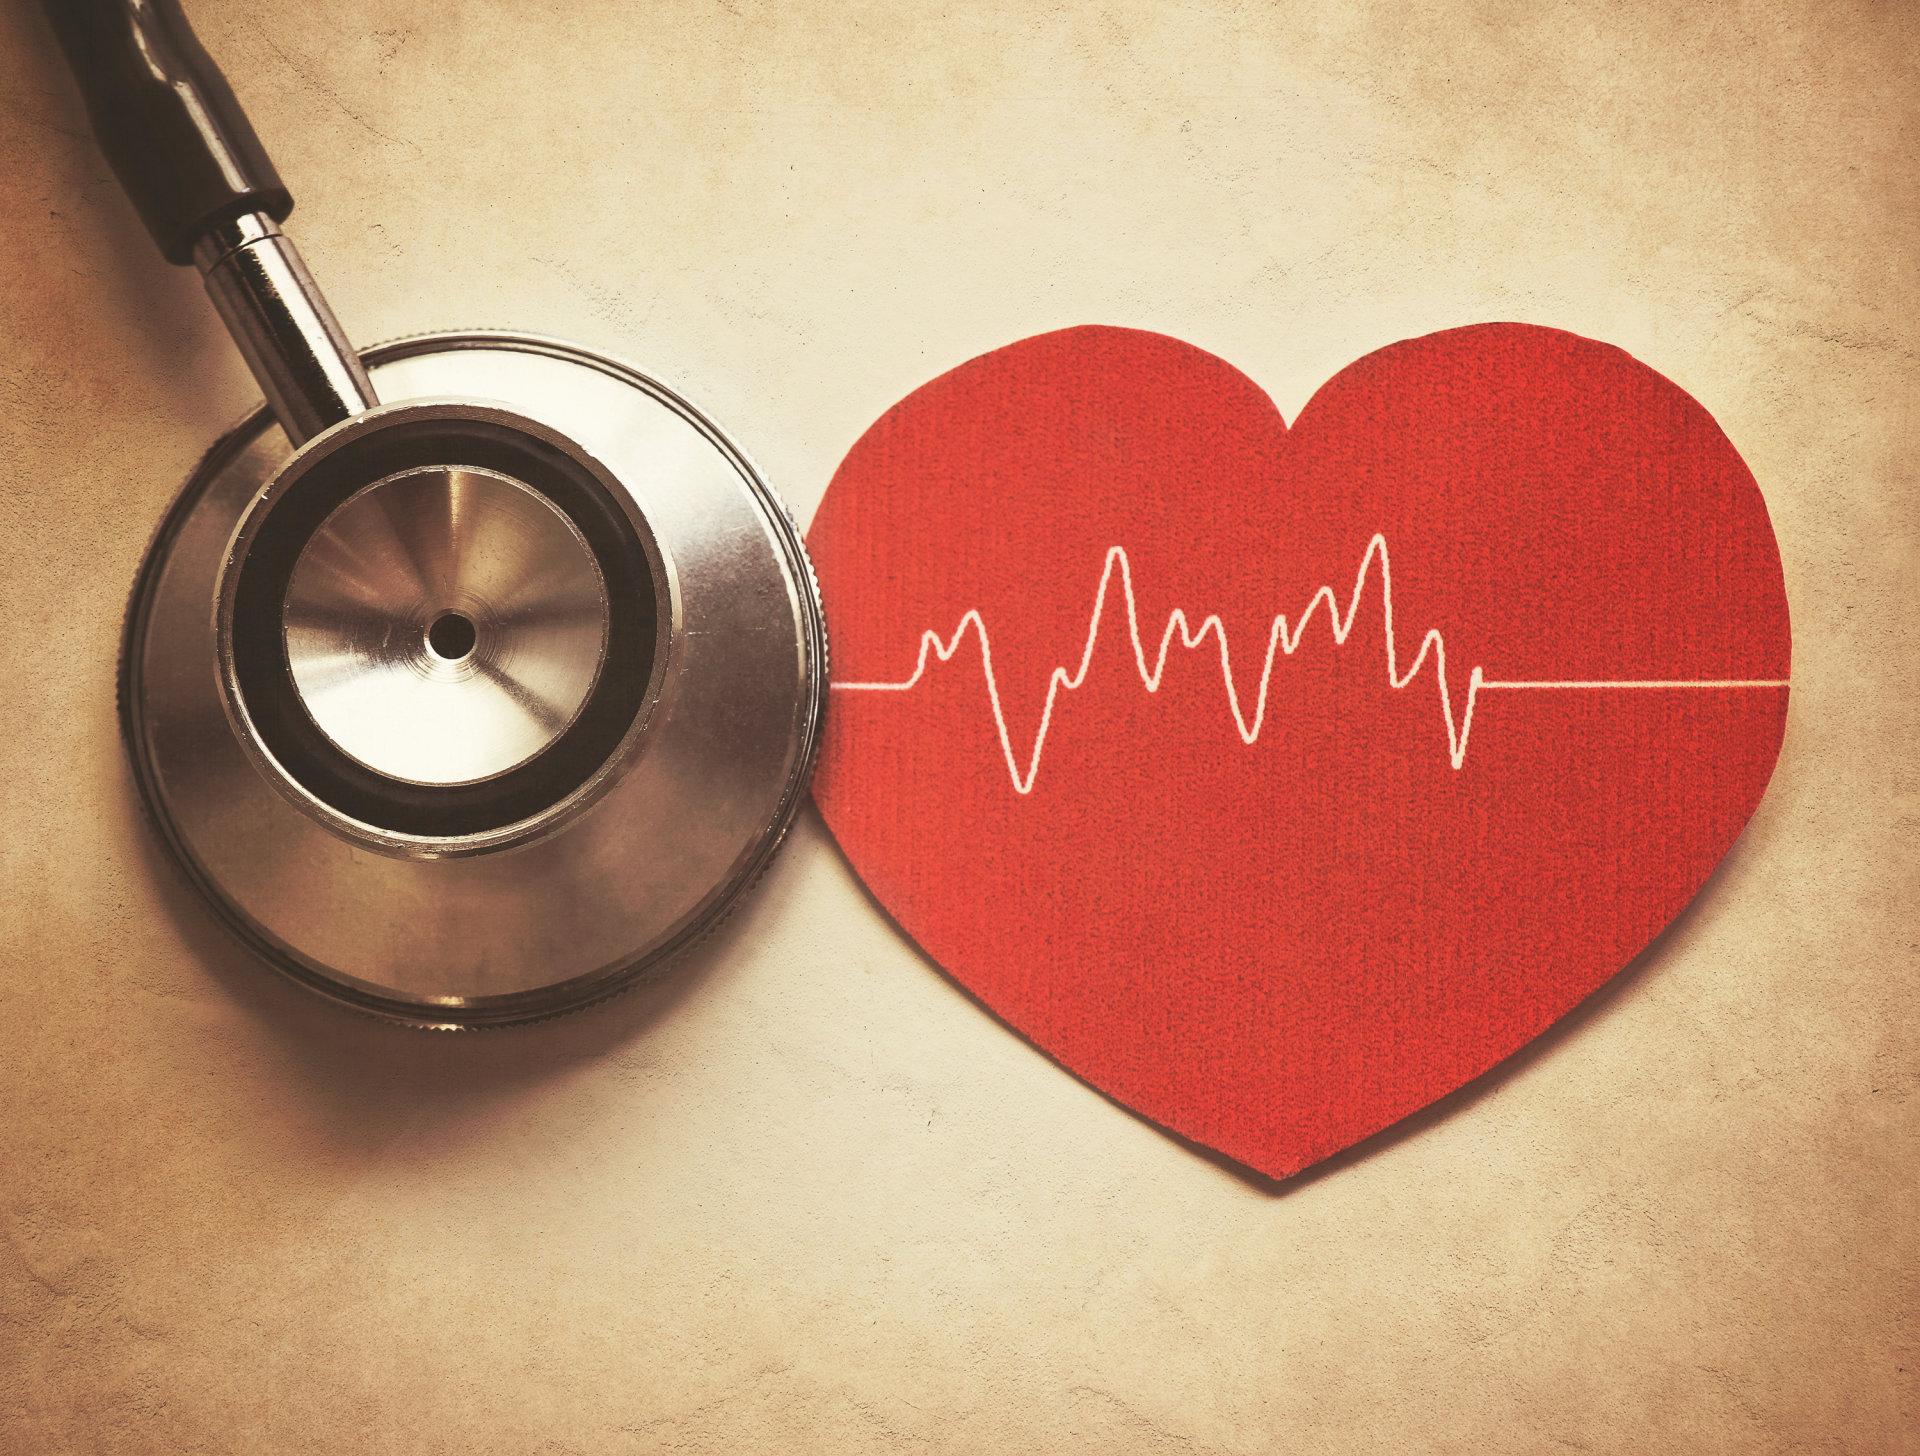 širdies priepuolis yra sveikatos įvykis)